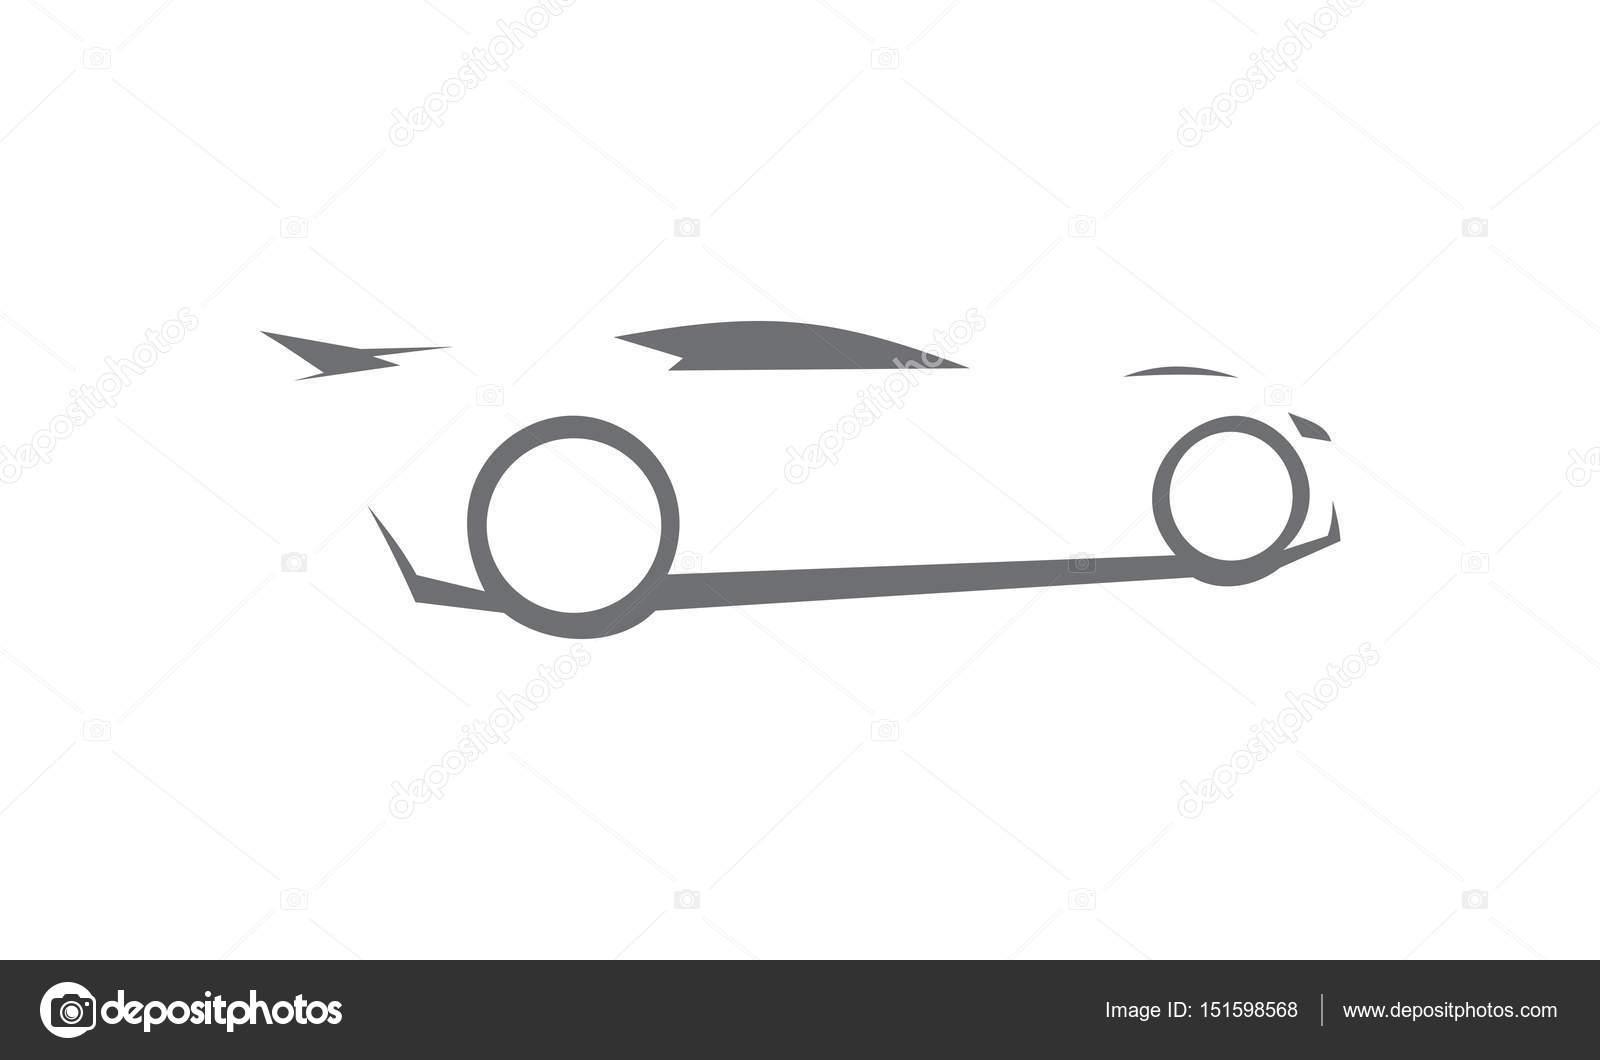 Plantilla de logotipo de coche — Foto de stock © alluranet #151598568